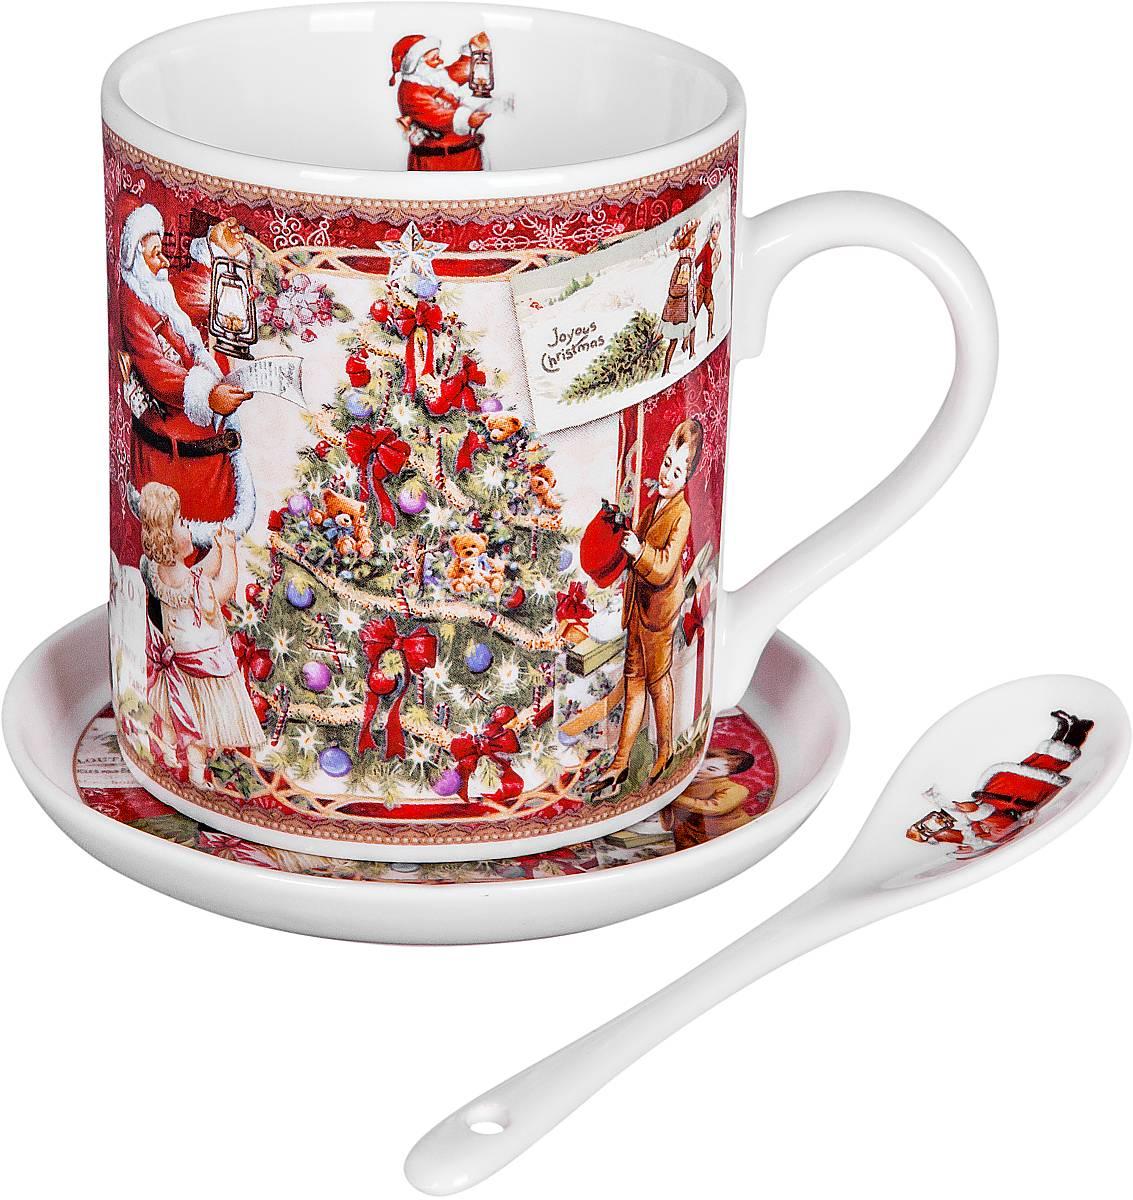 Кружка Mister Christmas Дед Мороз, дети и елка, с ложкой, с подставкой, 3 предметаBR-M11-SETНовогодняя кружка Mister Christmas Дед Мороз, дети и елка изготовлена из высококачественного фарфора. В комплект входят ложка и подставка. Такие оригинальные предметы великолепно украсят кухонный интерьер, а также станут отличным подарком для ваших друзей и близких в преддверии Нового года. Предметы упакованы в красивую подарочную коробку. Высота кружки: 8 см.